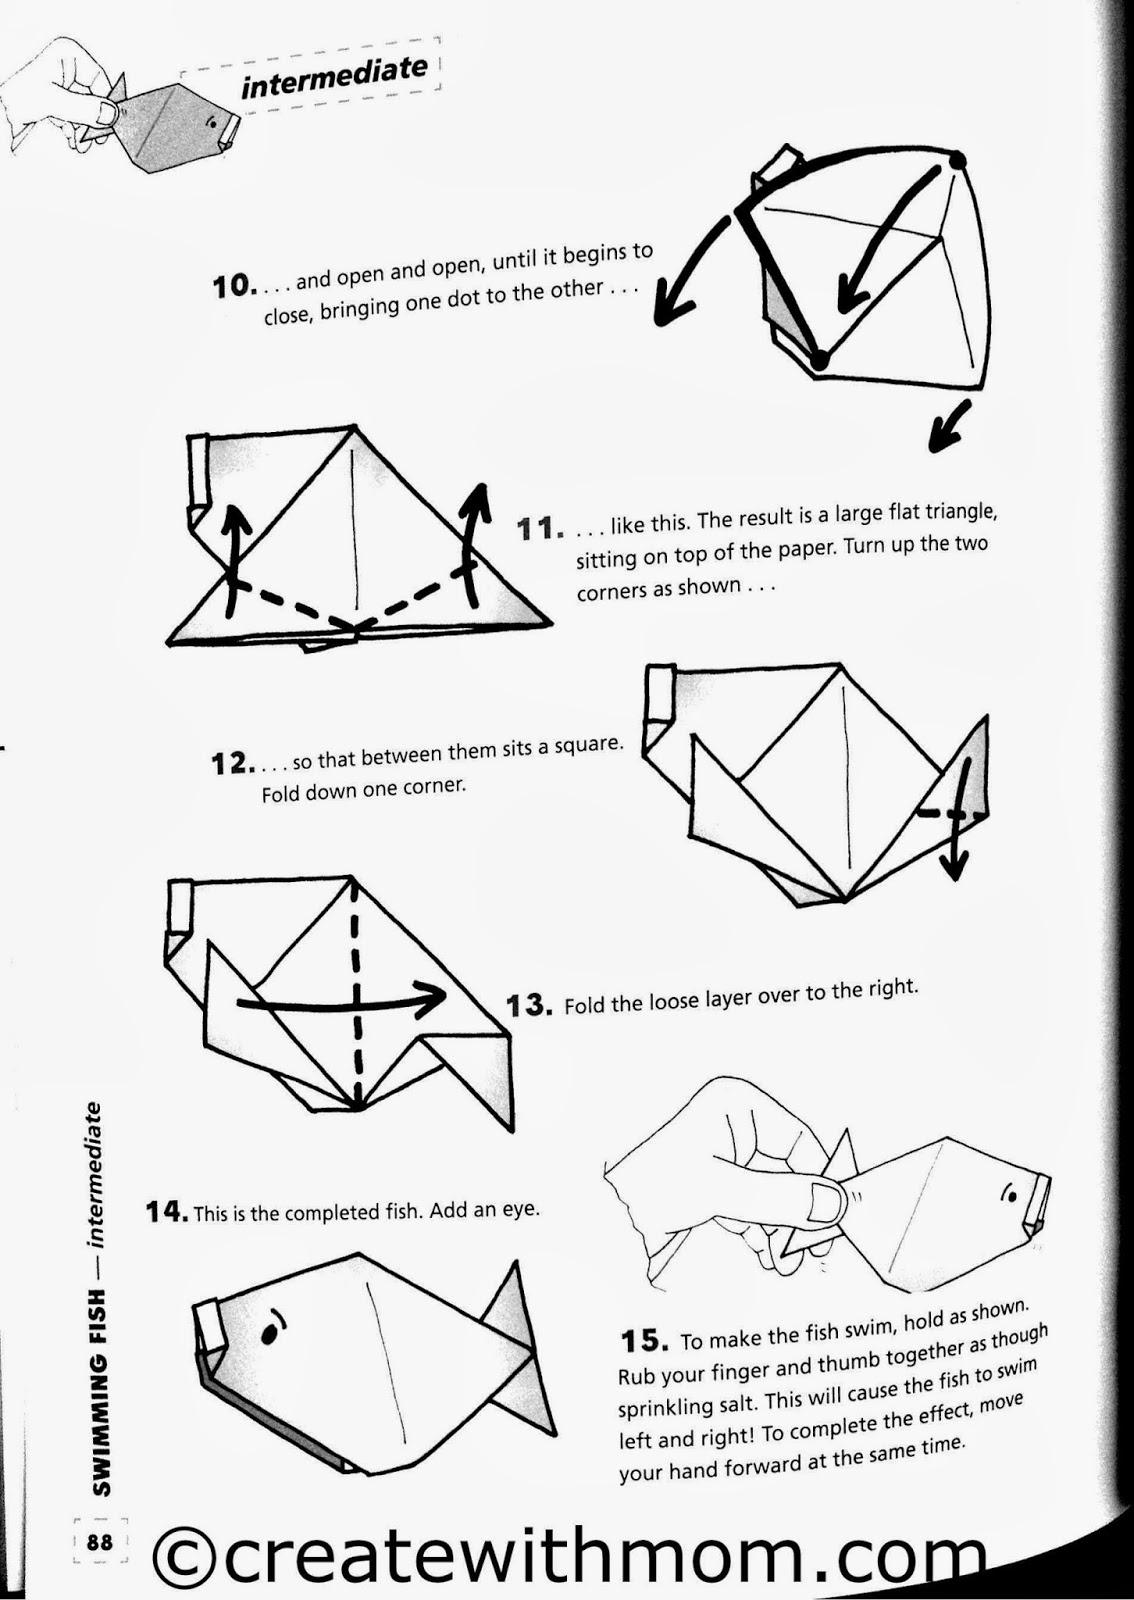 אוריגמי לחנוכה - סביבון מנייר   ישלה   Kids crafting, Spinning top ...   1600x1134